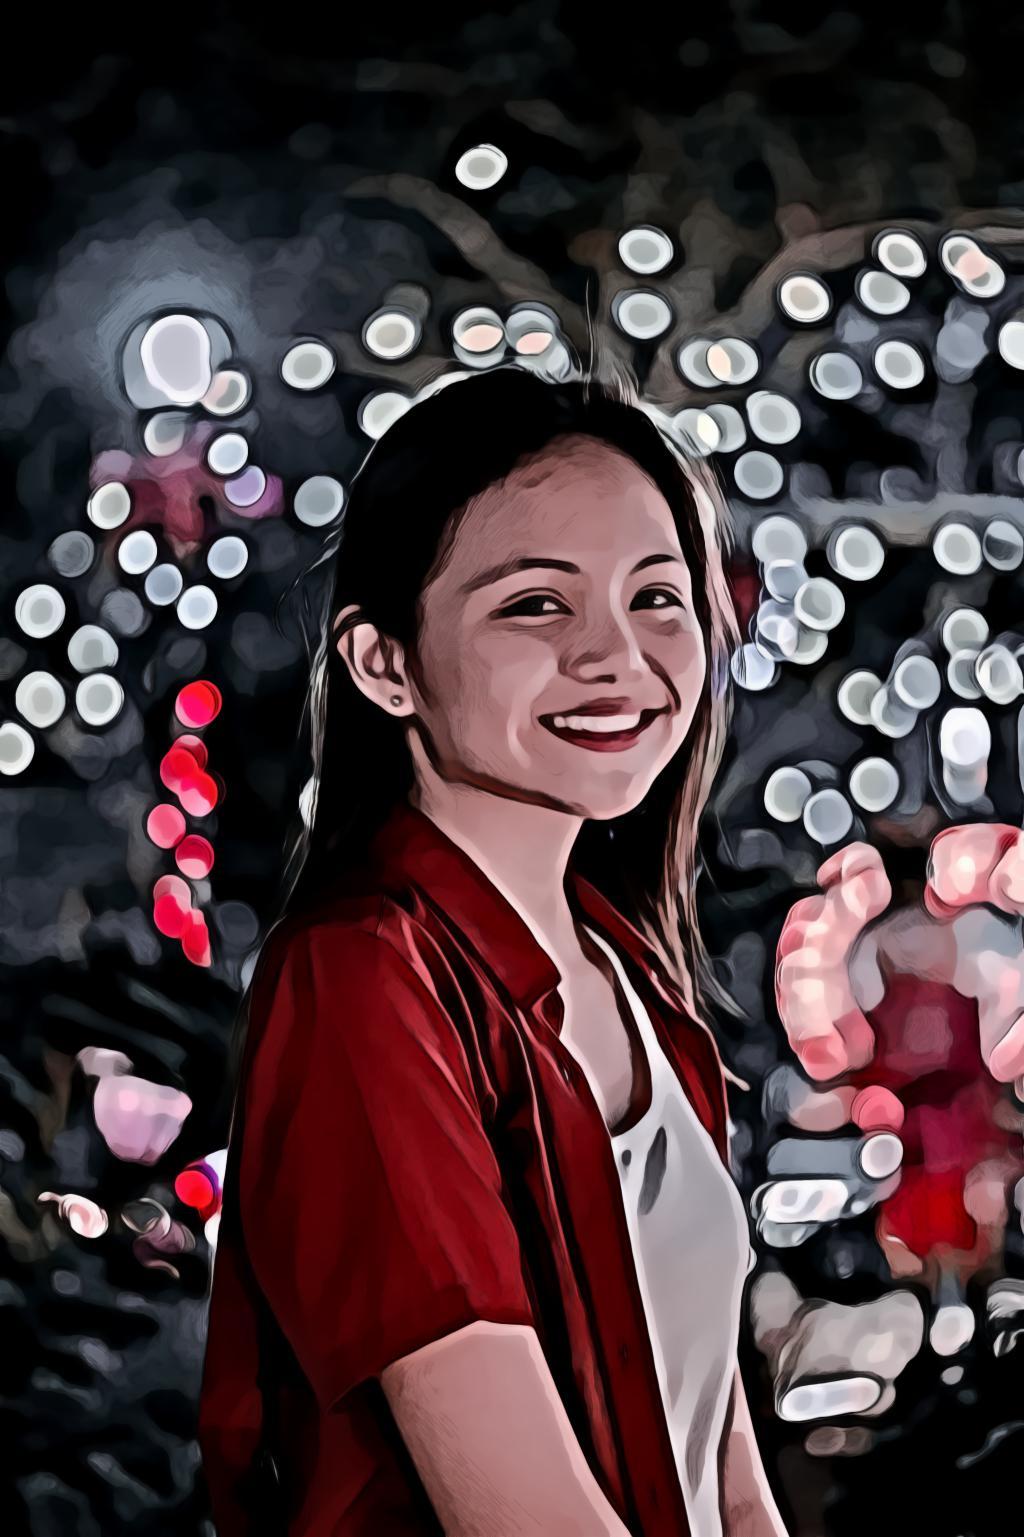 Young Asian Girl Wearing Red Shirt Smiling